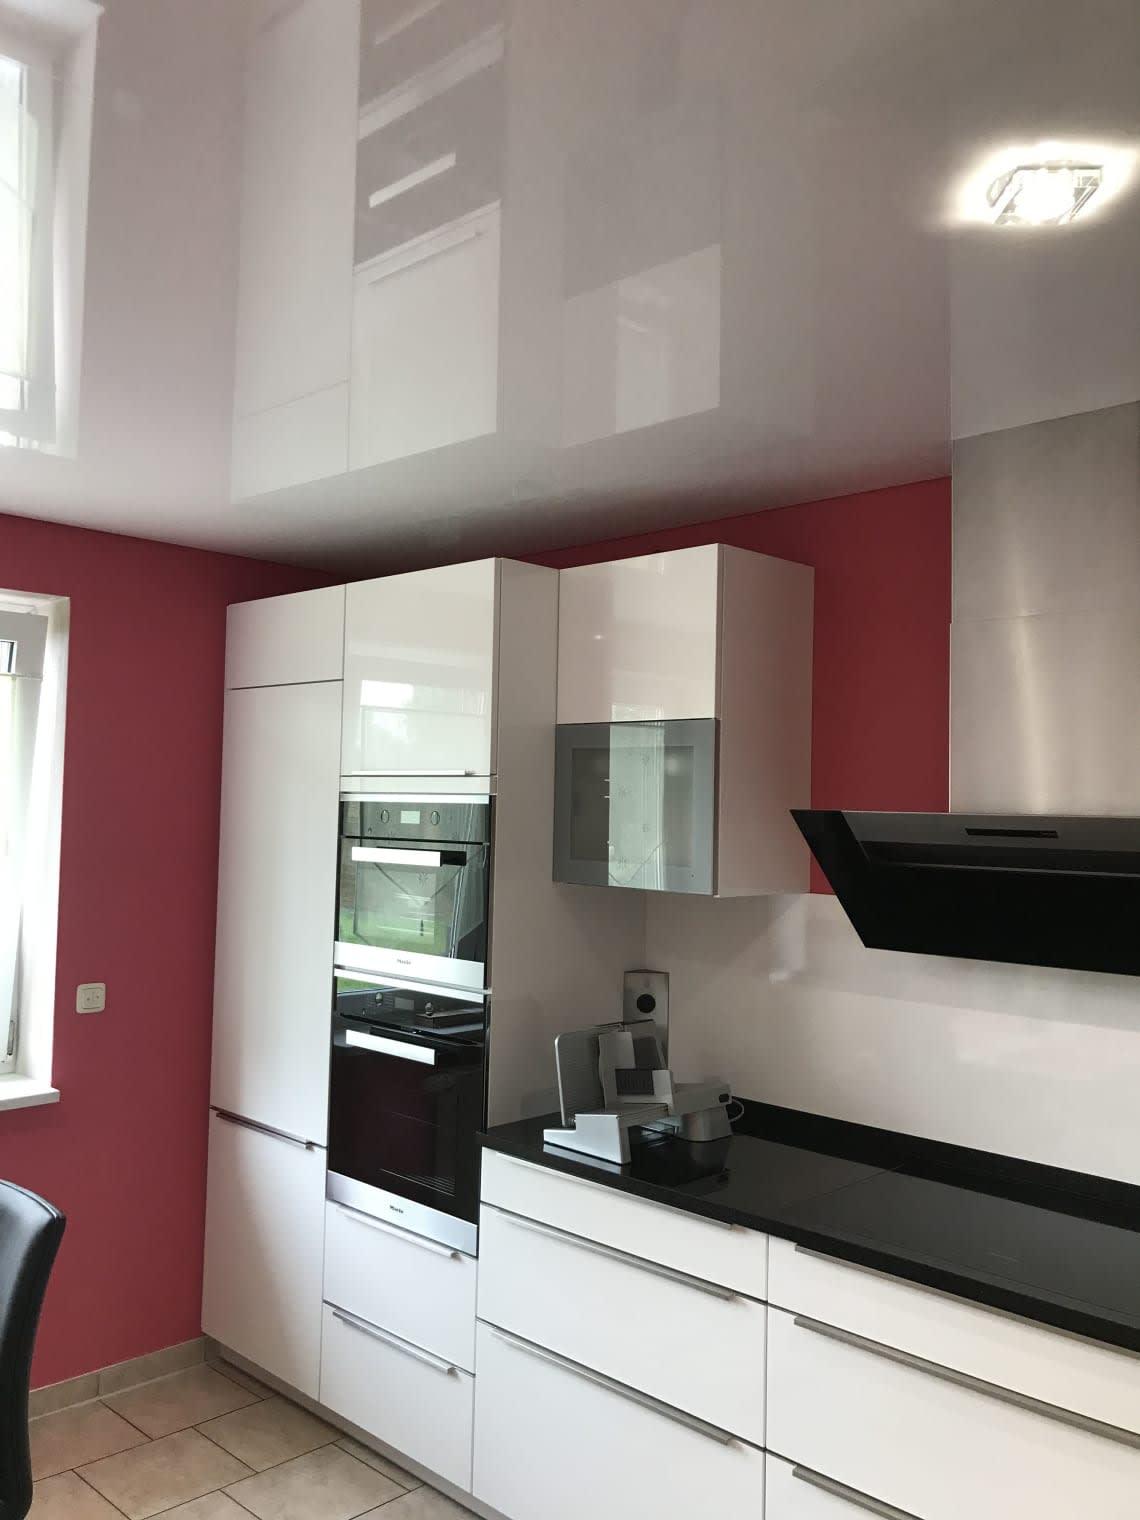 Deckenstudiojenß installiert Spanndecken in der Küche